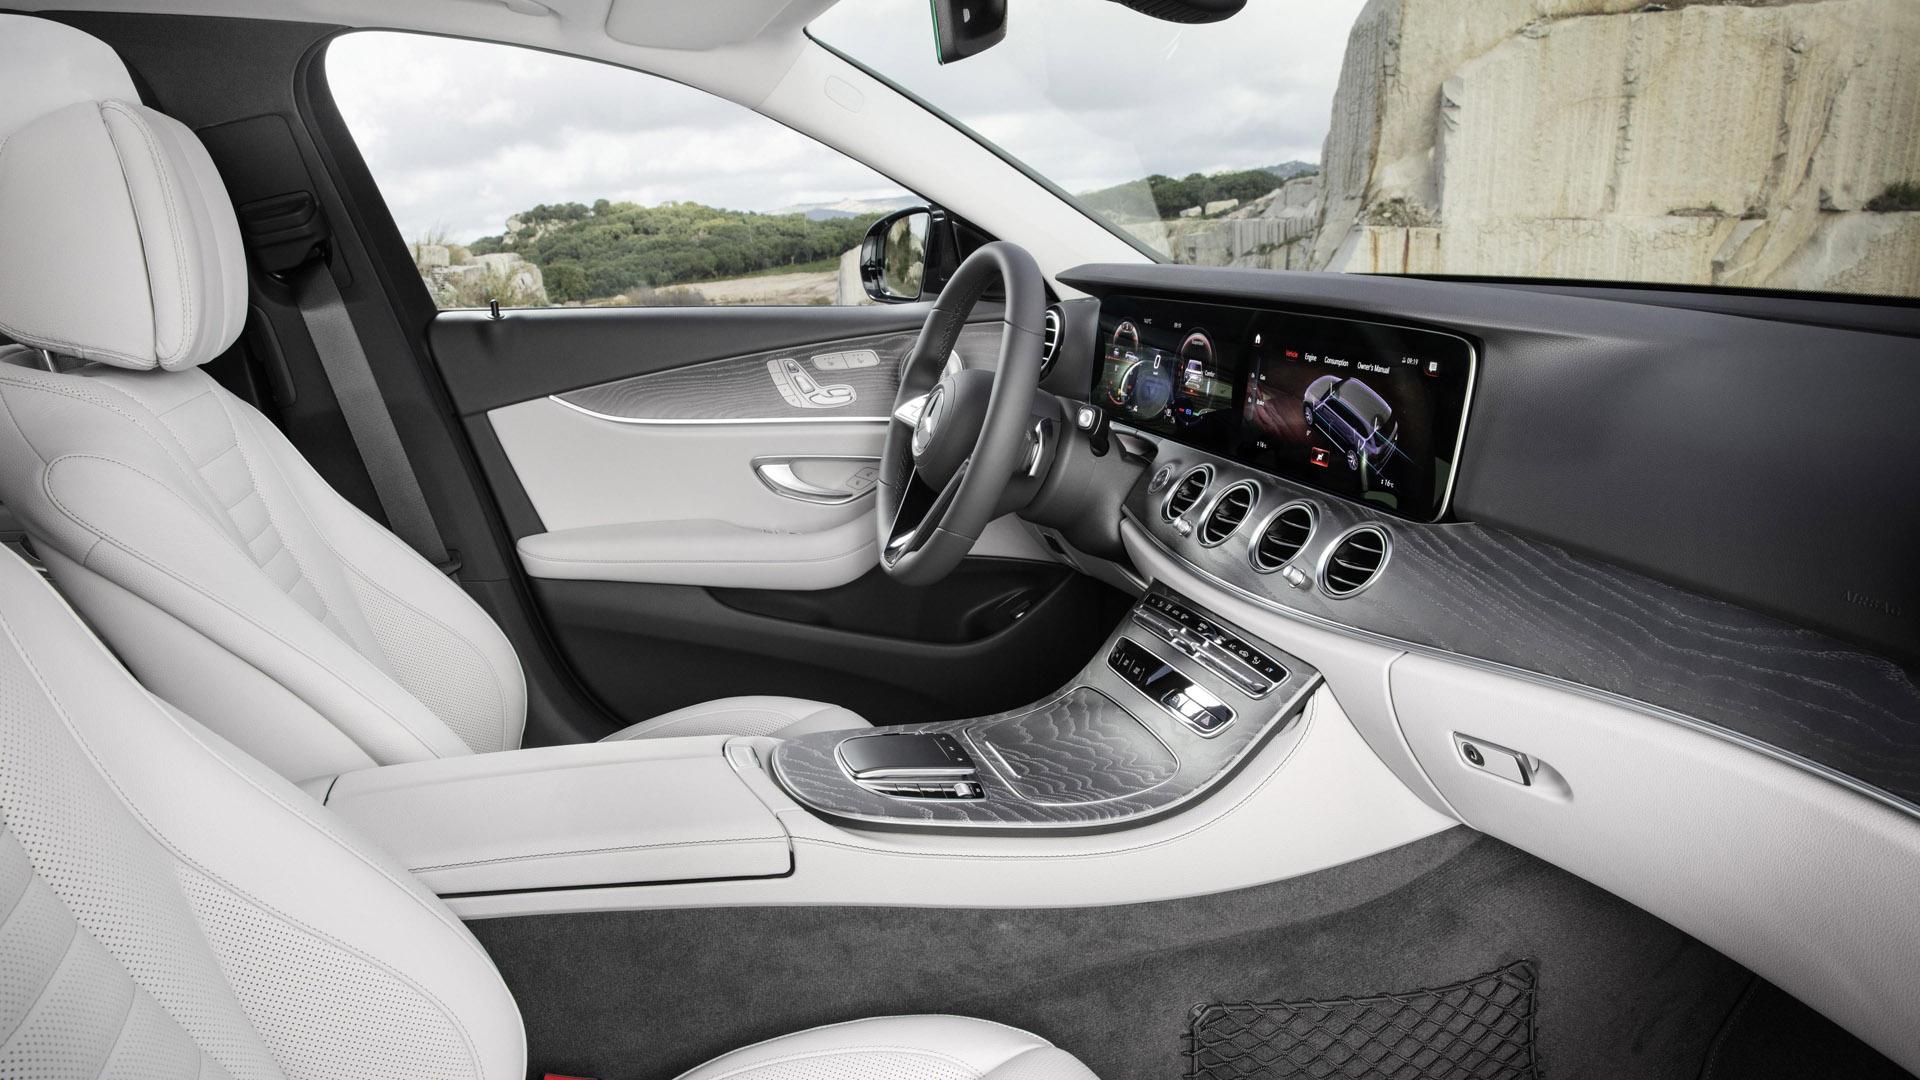 Mercedes-Benz E-Class Estate interior